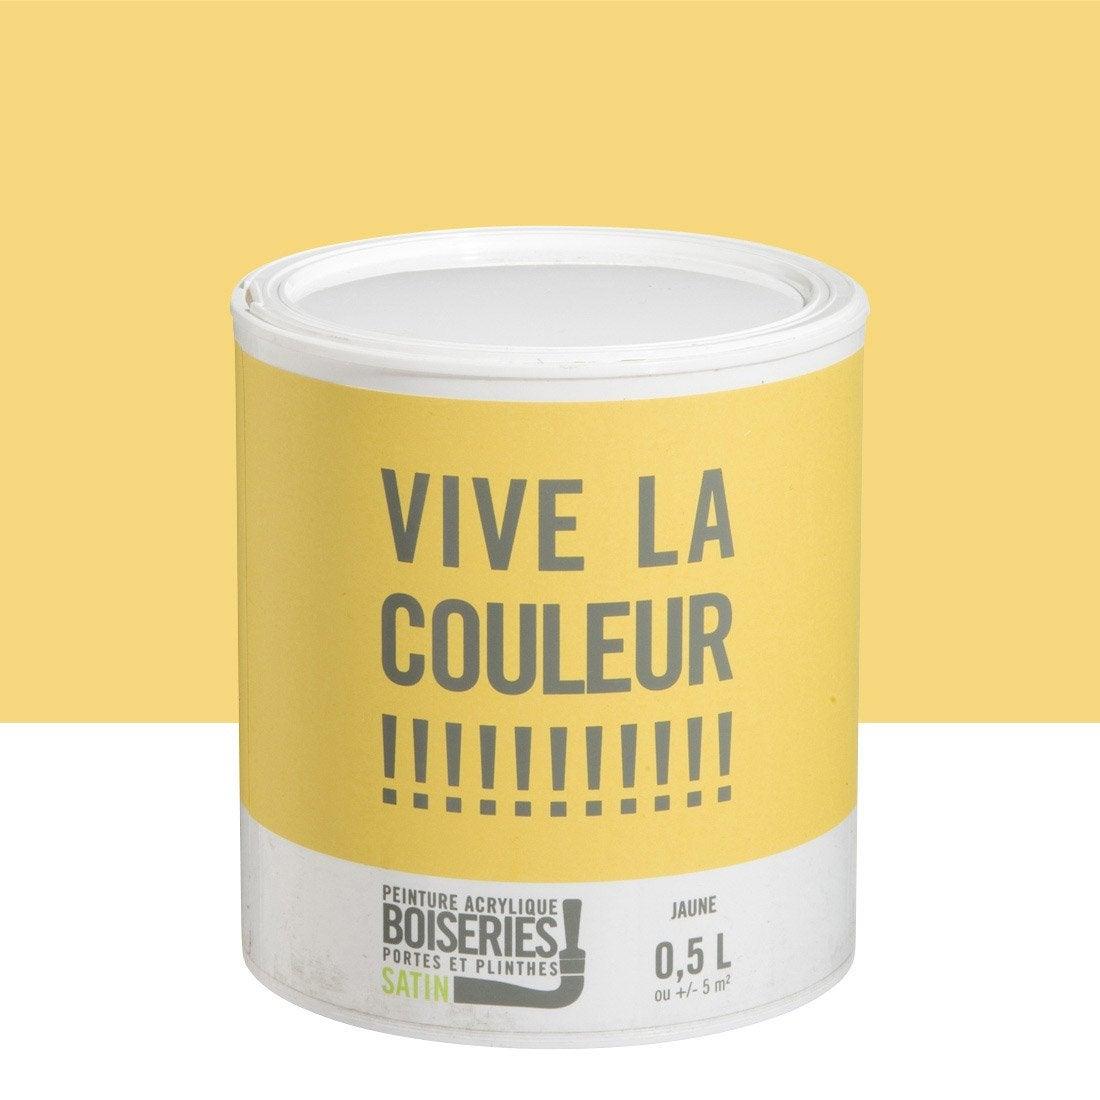 Peinture boiserie VIVE LA COULEUR!, jaune foncé, 05 L